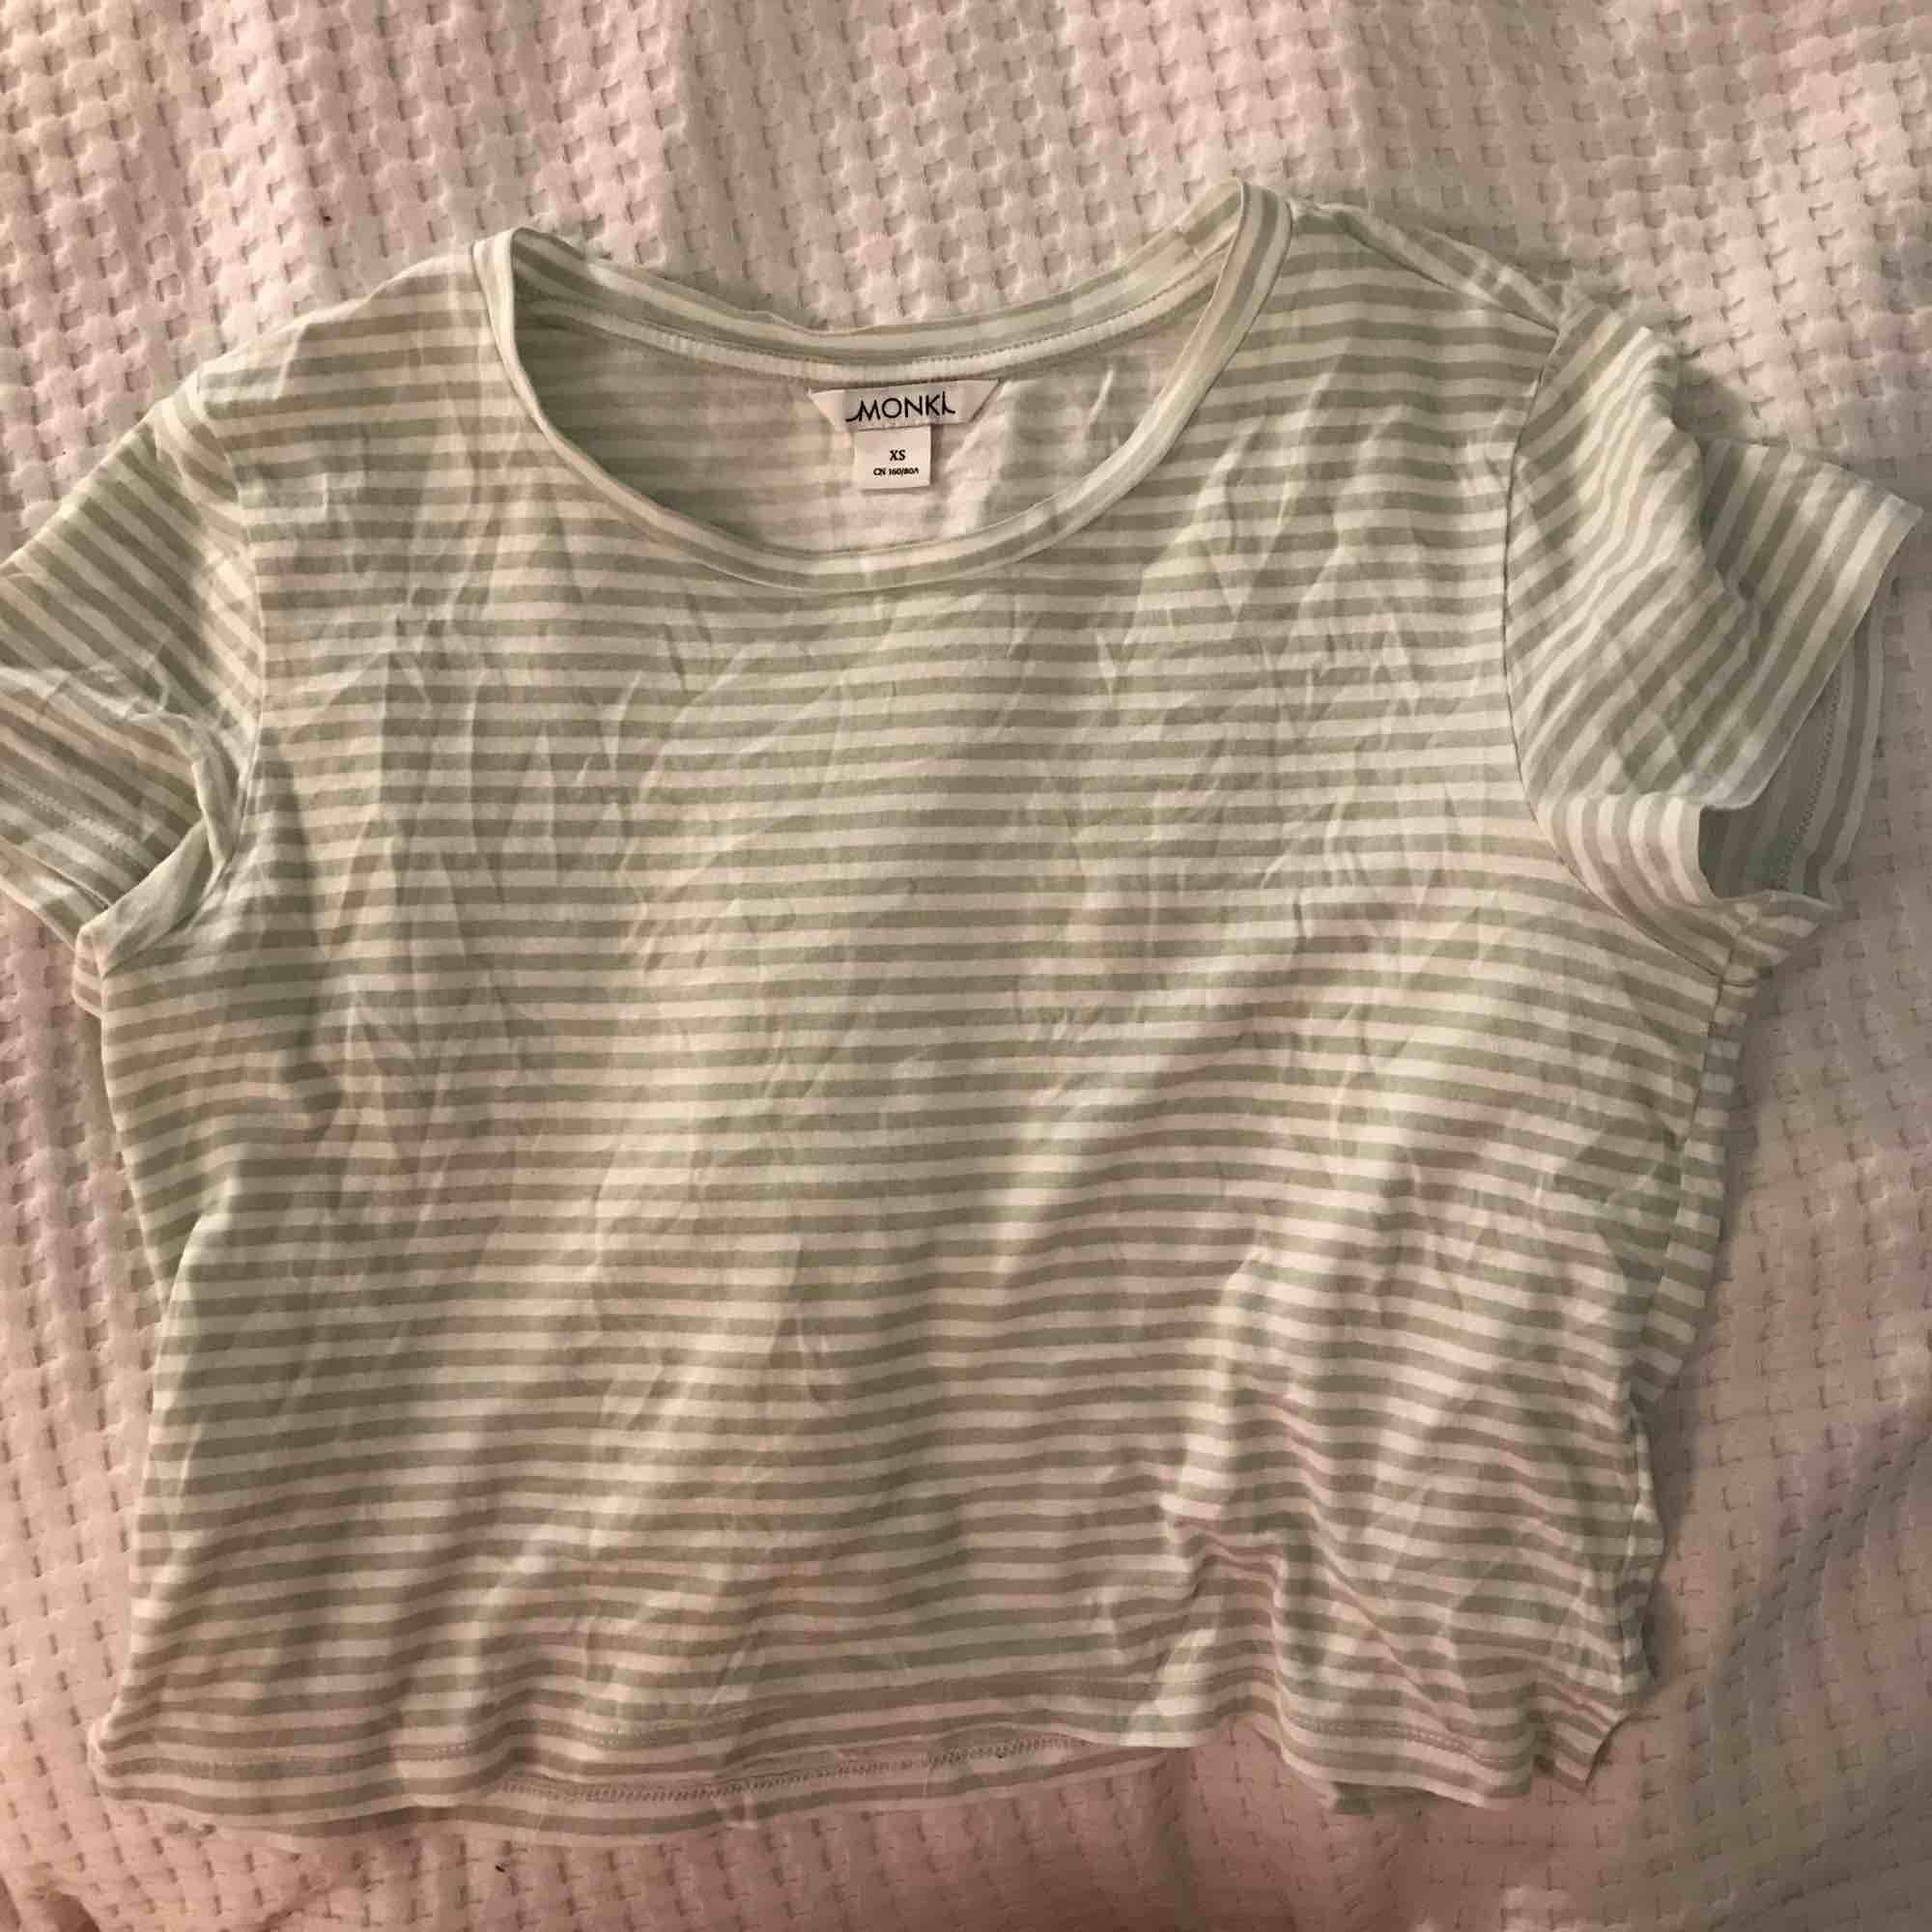 PRISSÄNKT! Jättefin ljusgrön randig t-shirt från Monki💚. T-shirts.